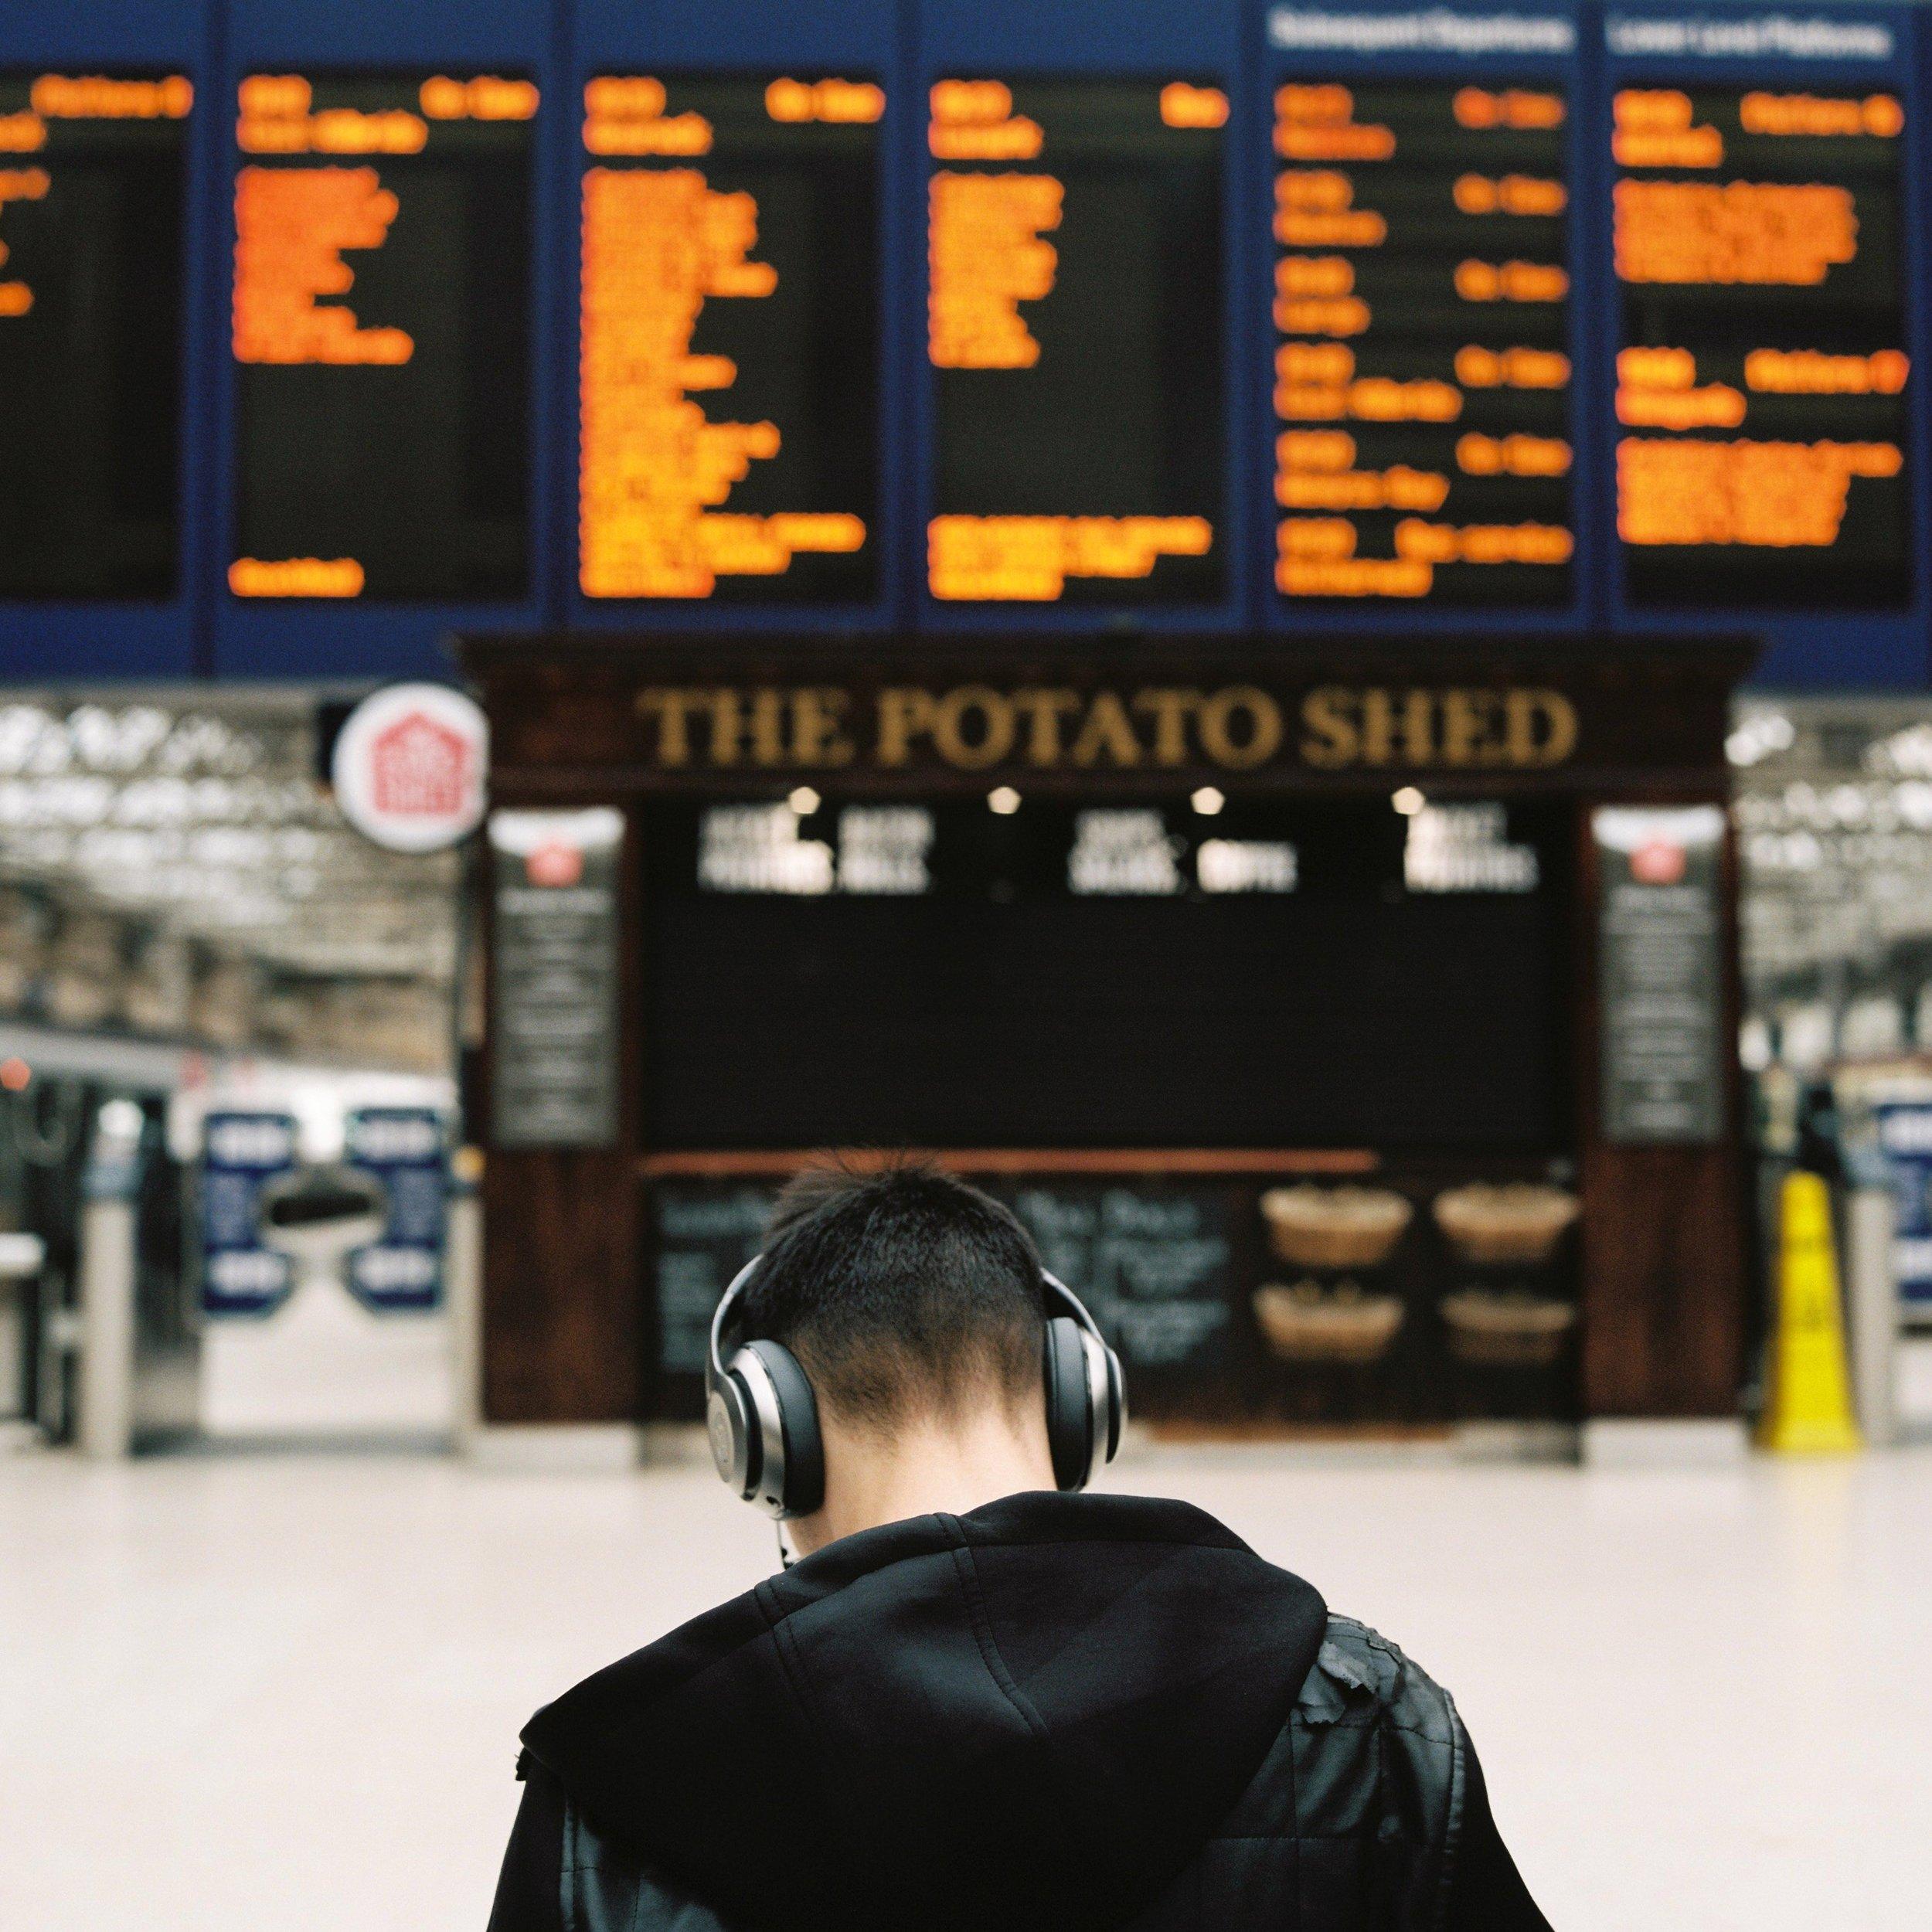 Train station.jpg